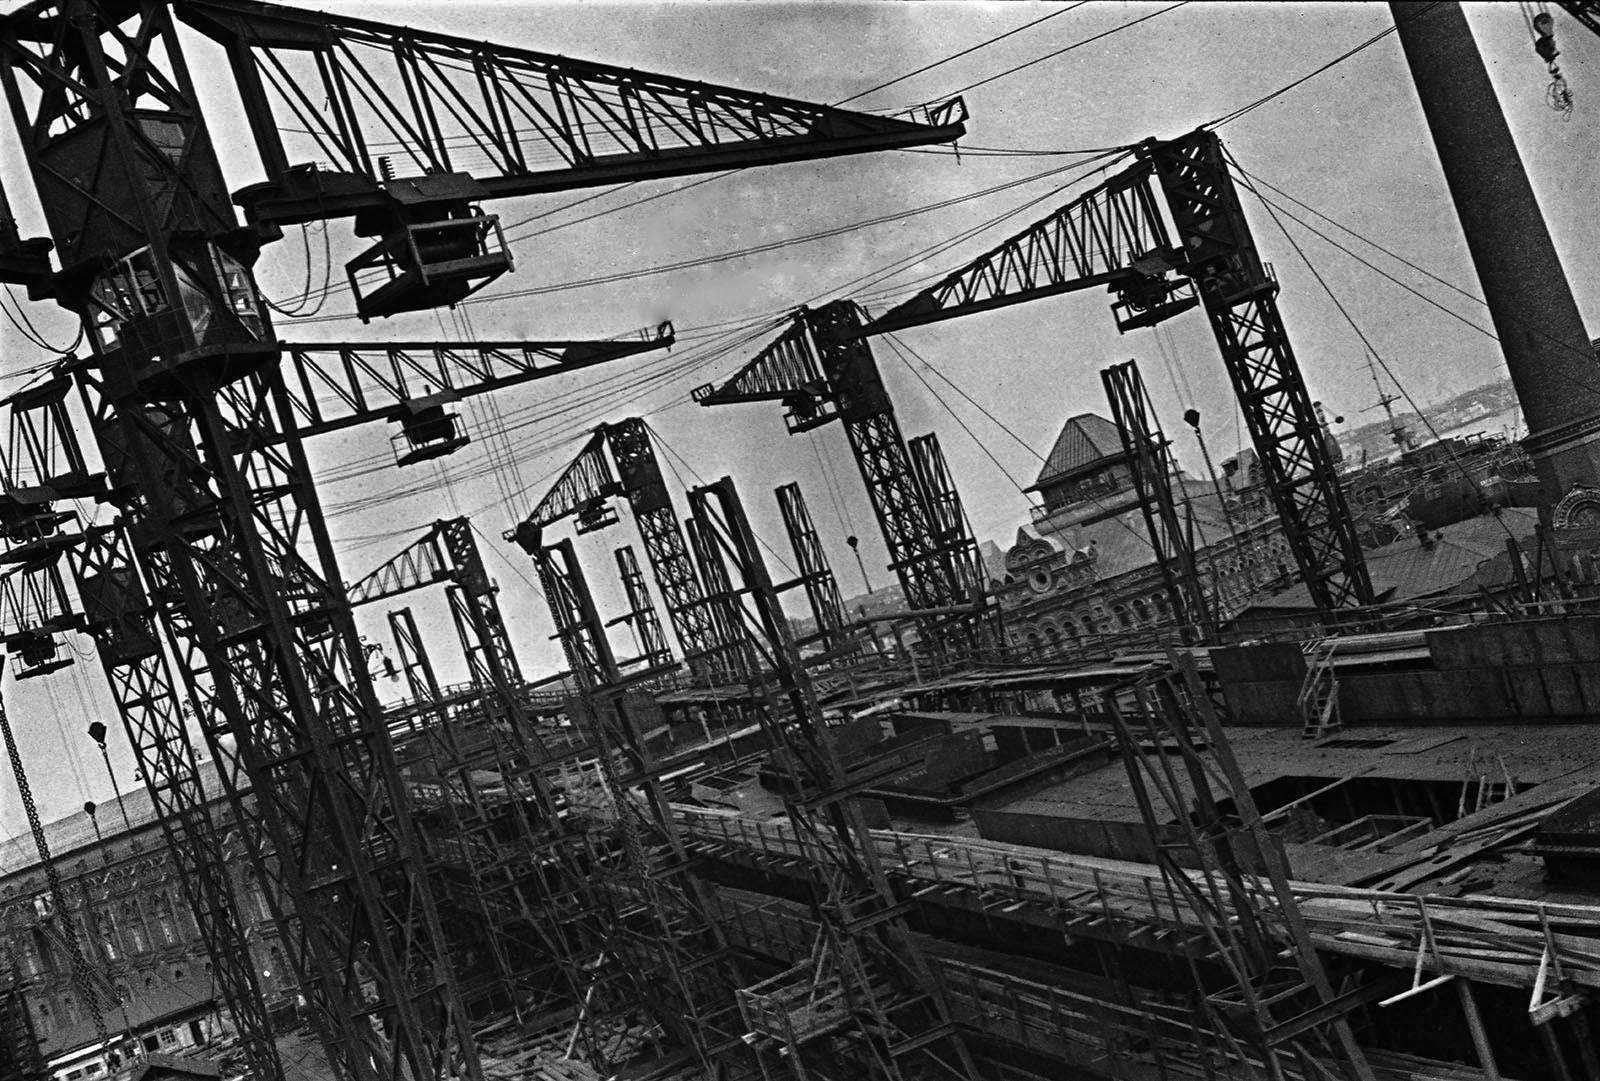 Leningrad_shipyard.jpg